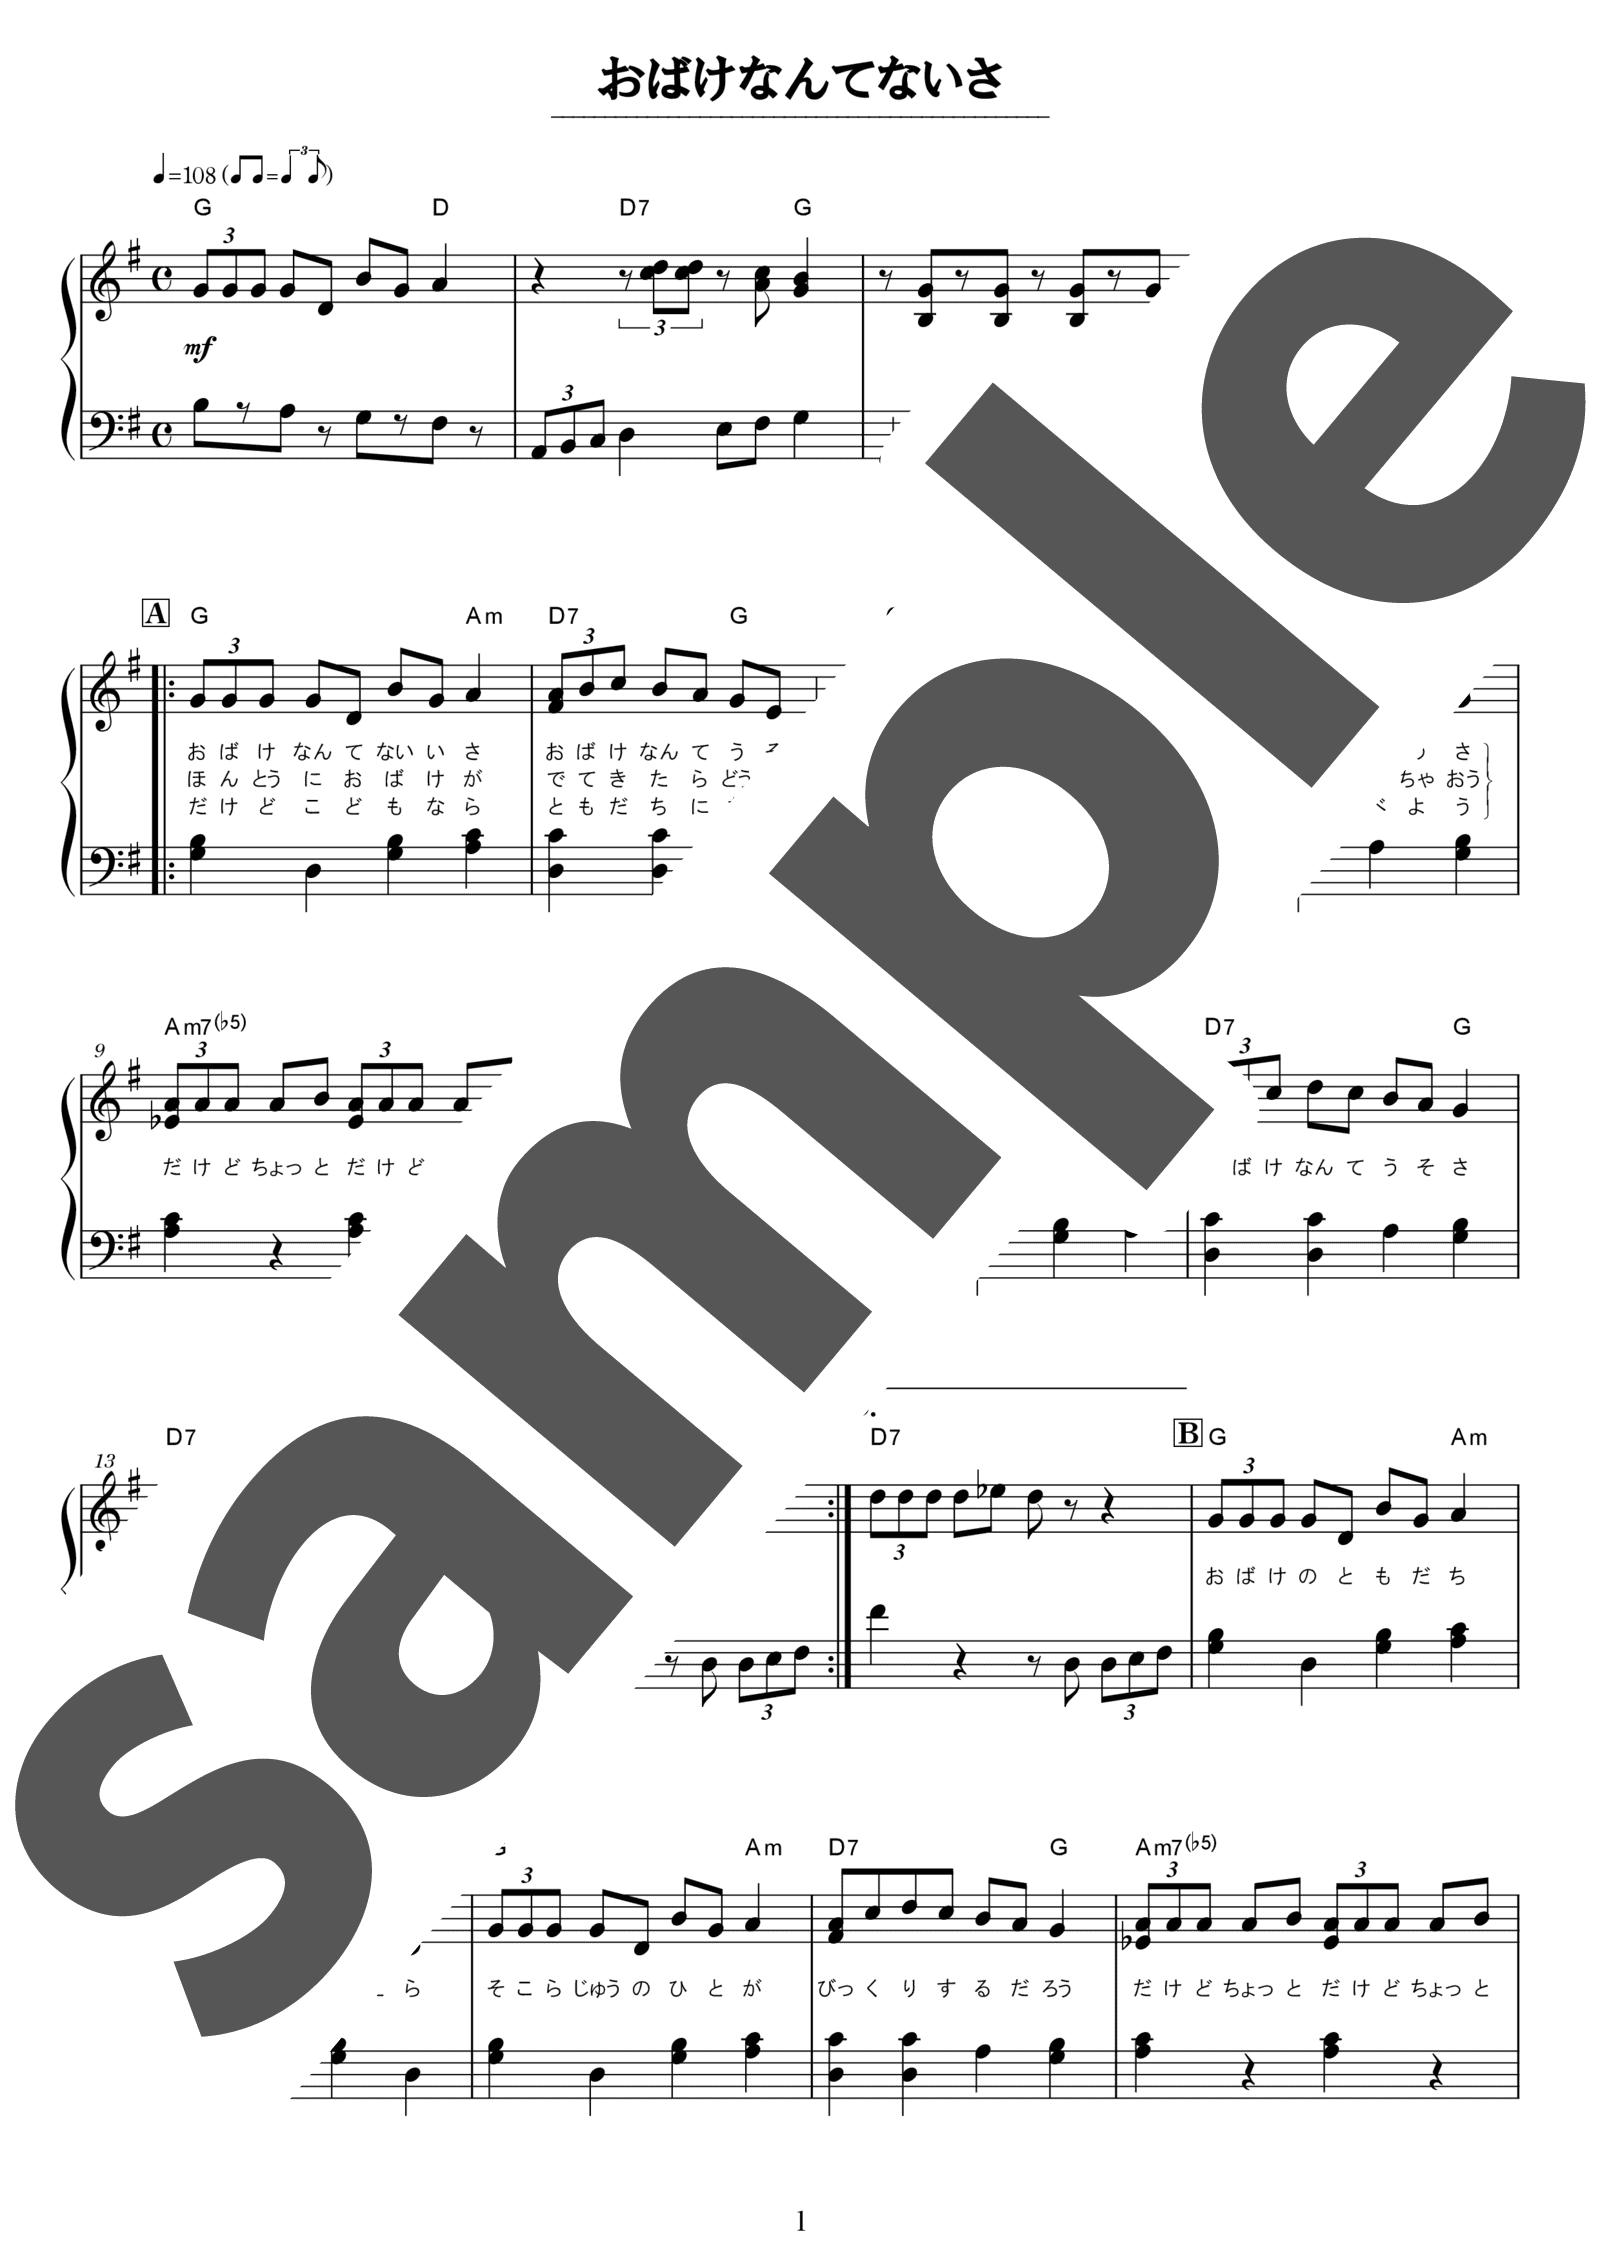 「おばけなんてないさ」のサンプル楽譜